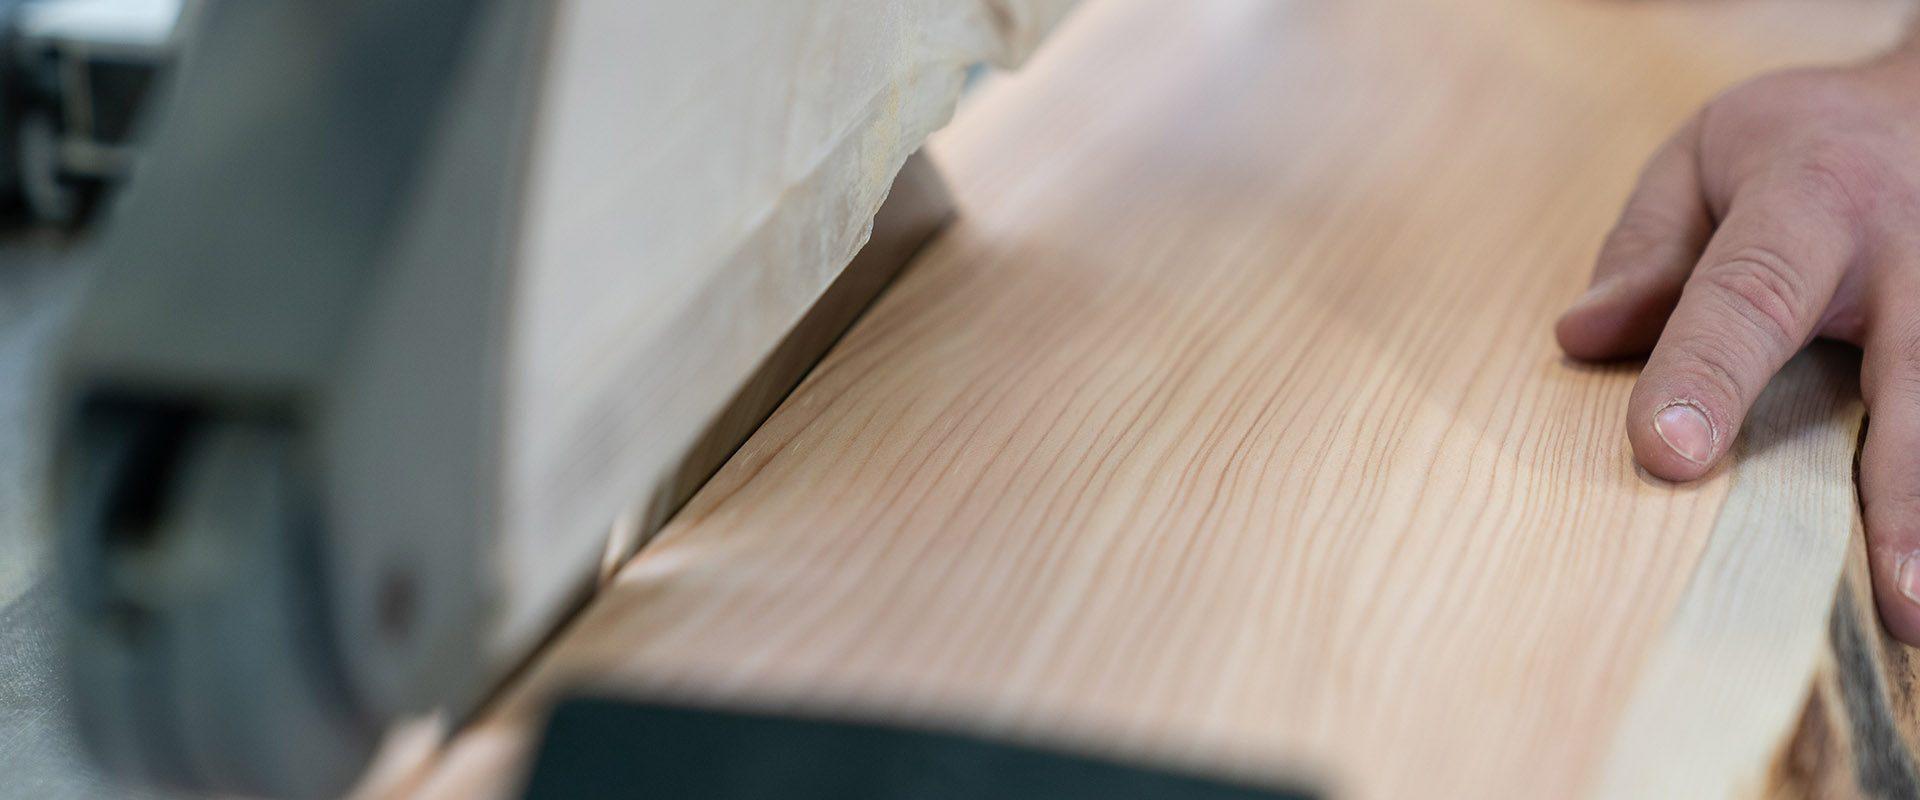 Schreinerei Holz zuschneiden mit TIschsäge